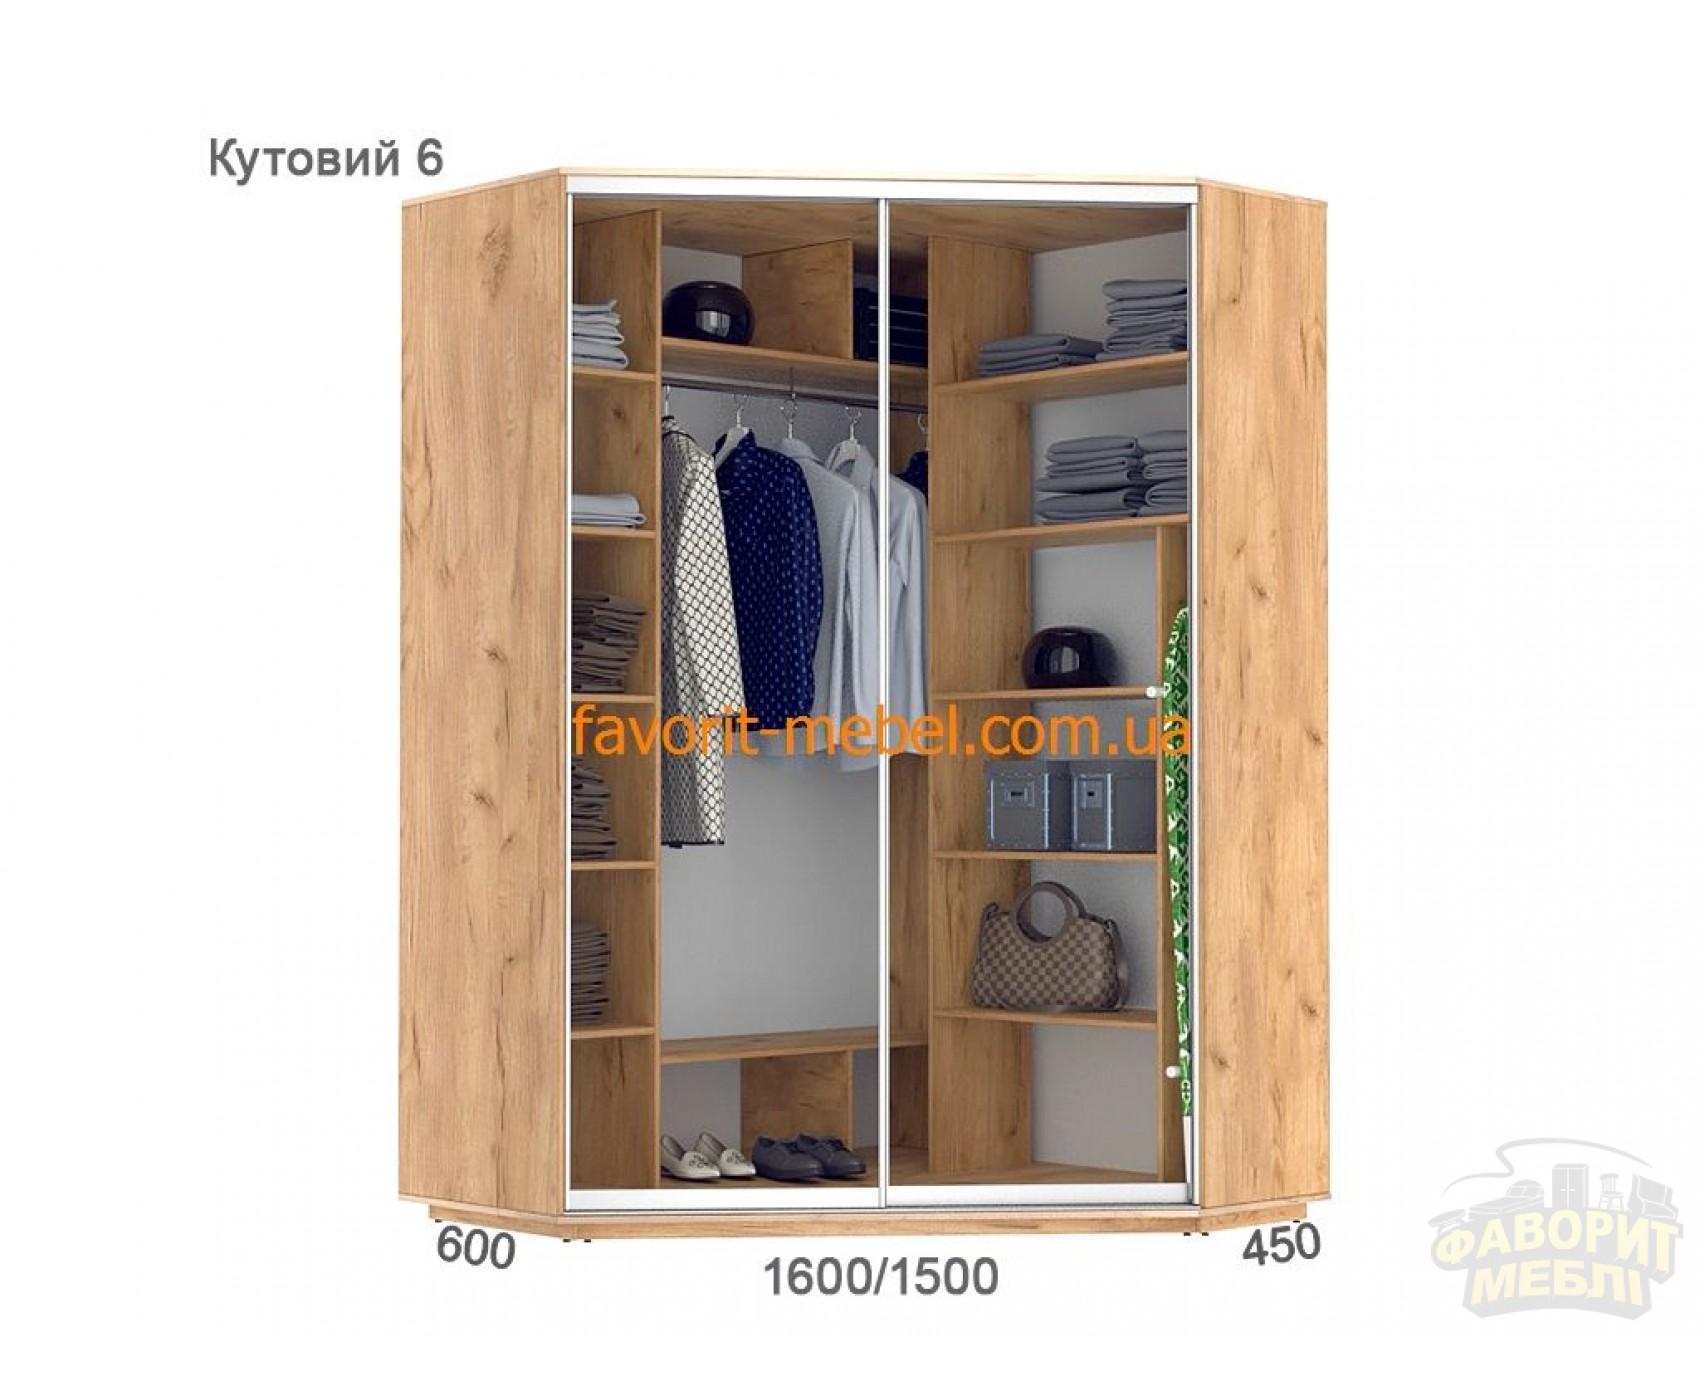 Шкаф купе Практик угловой 6 (160х150х240 см)